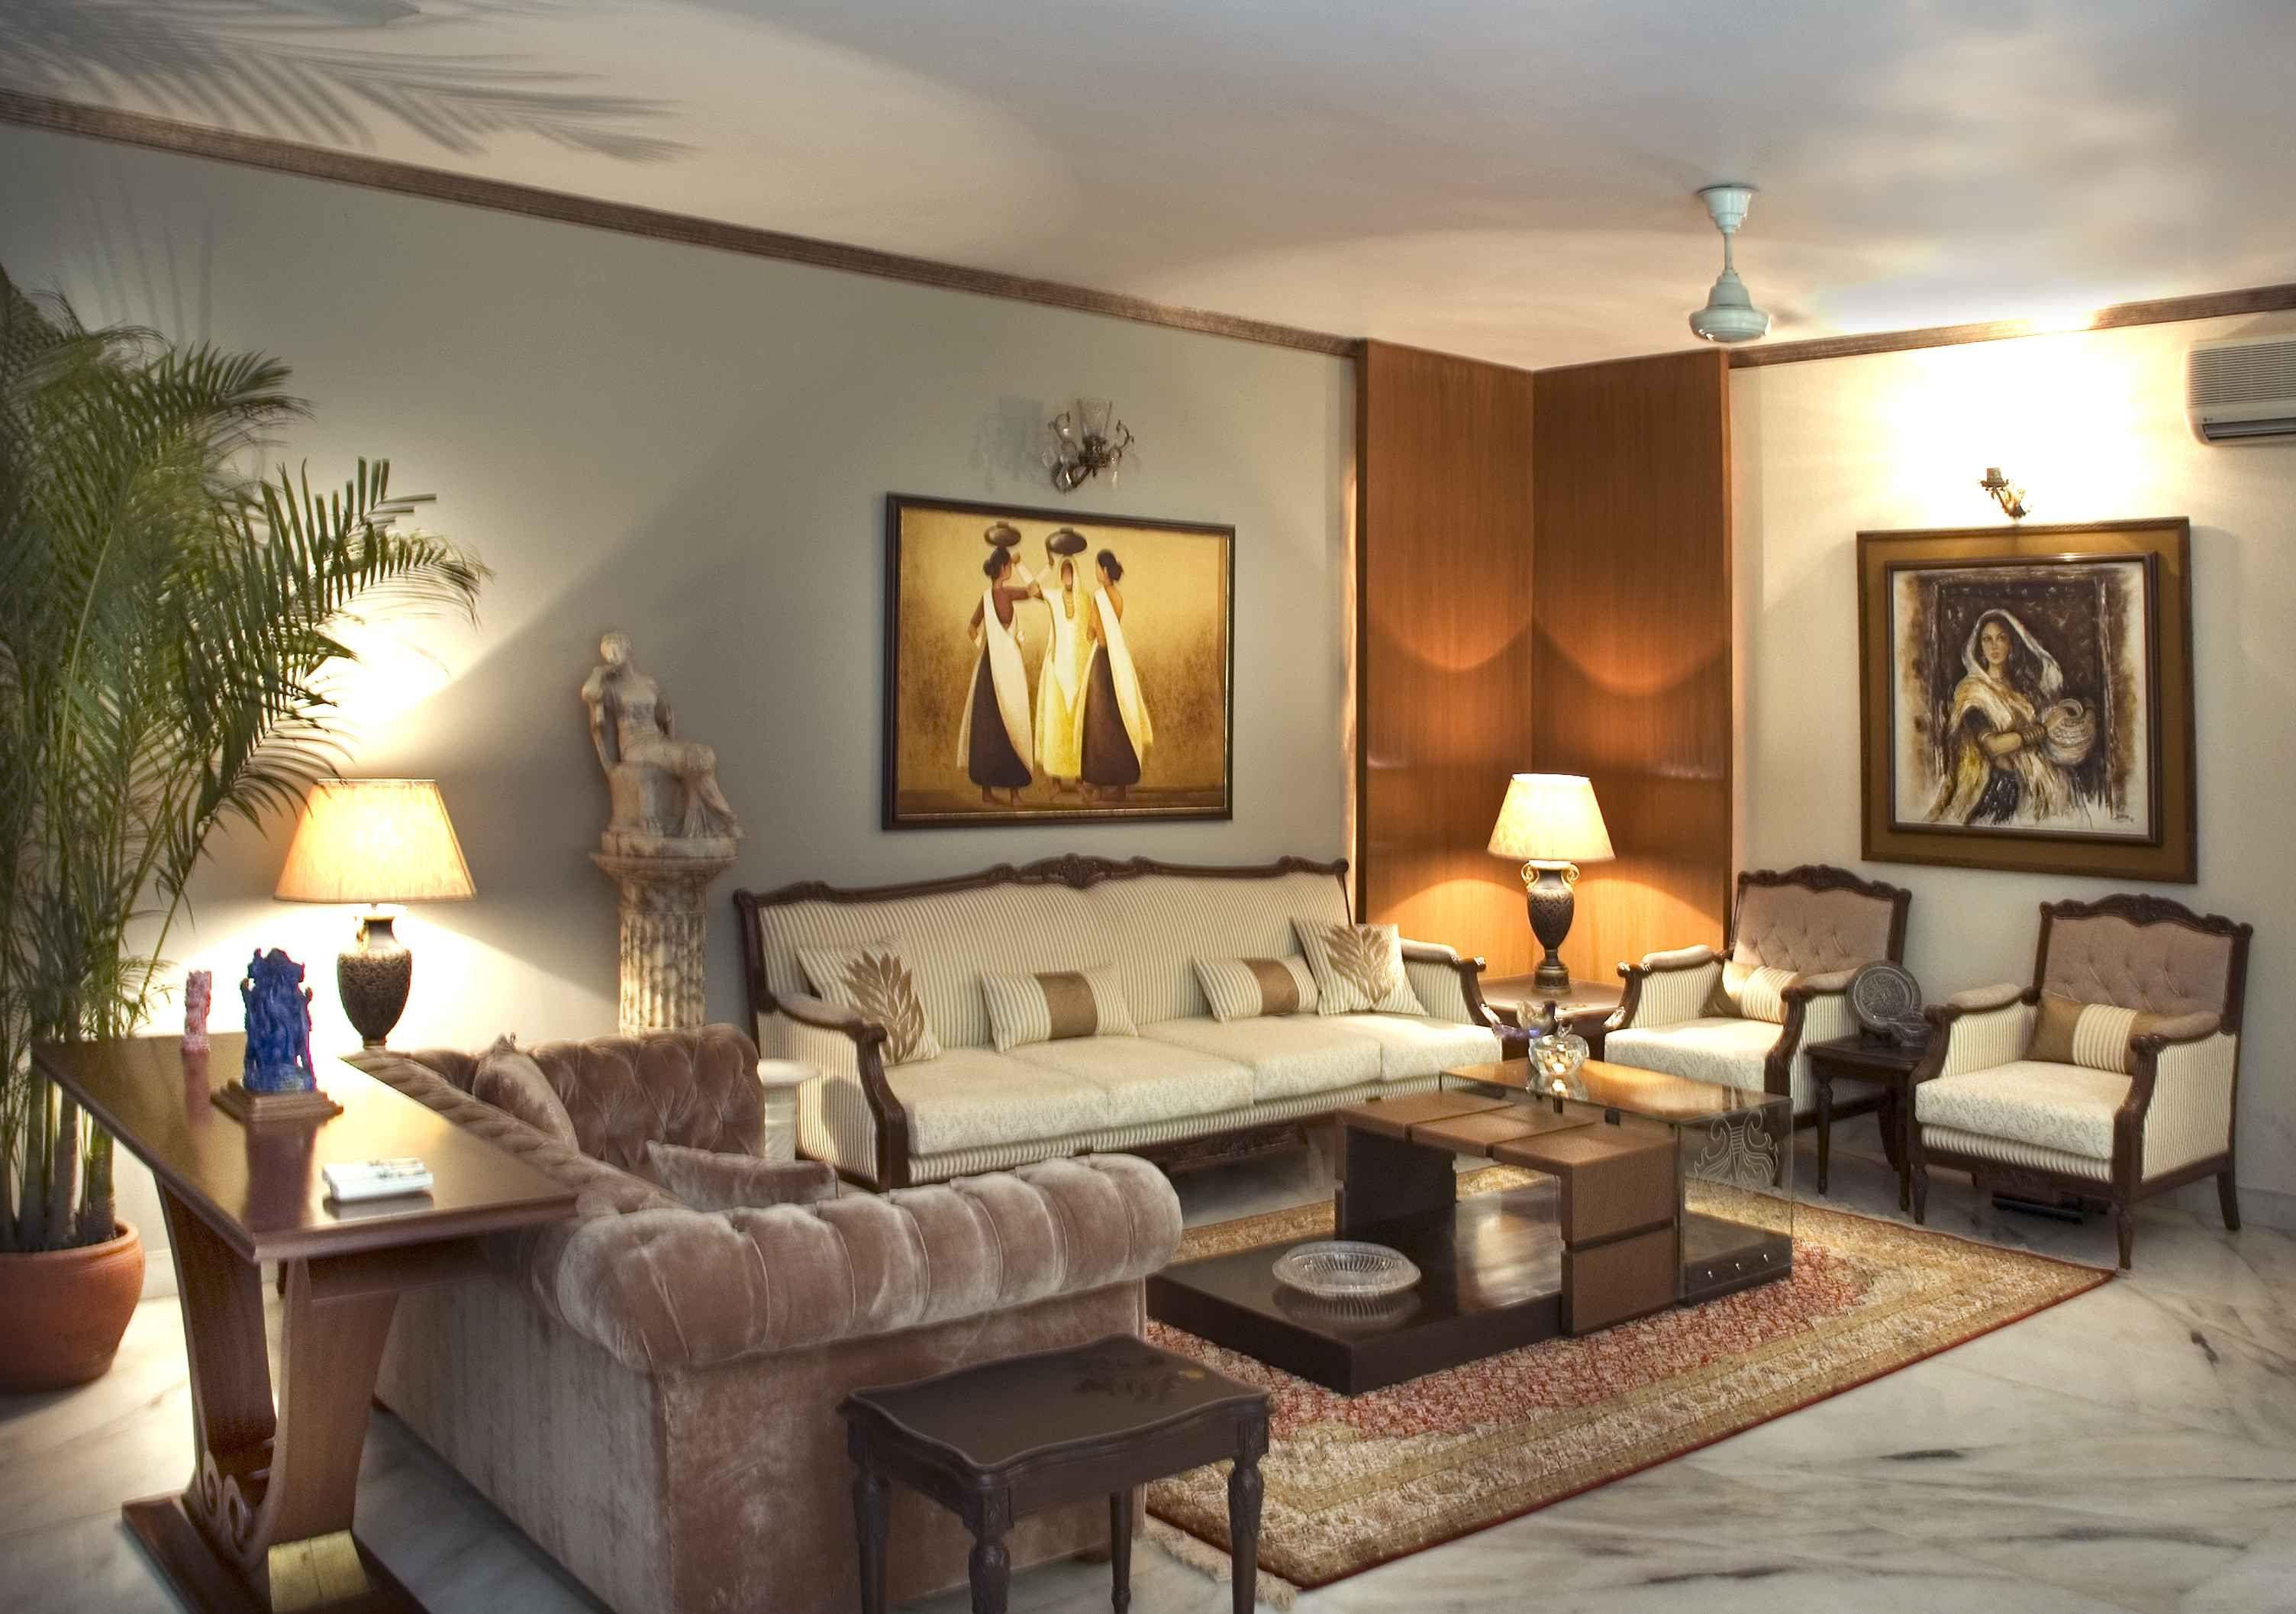 Interior design Madalsa Soni Indian Living Rooms